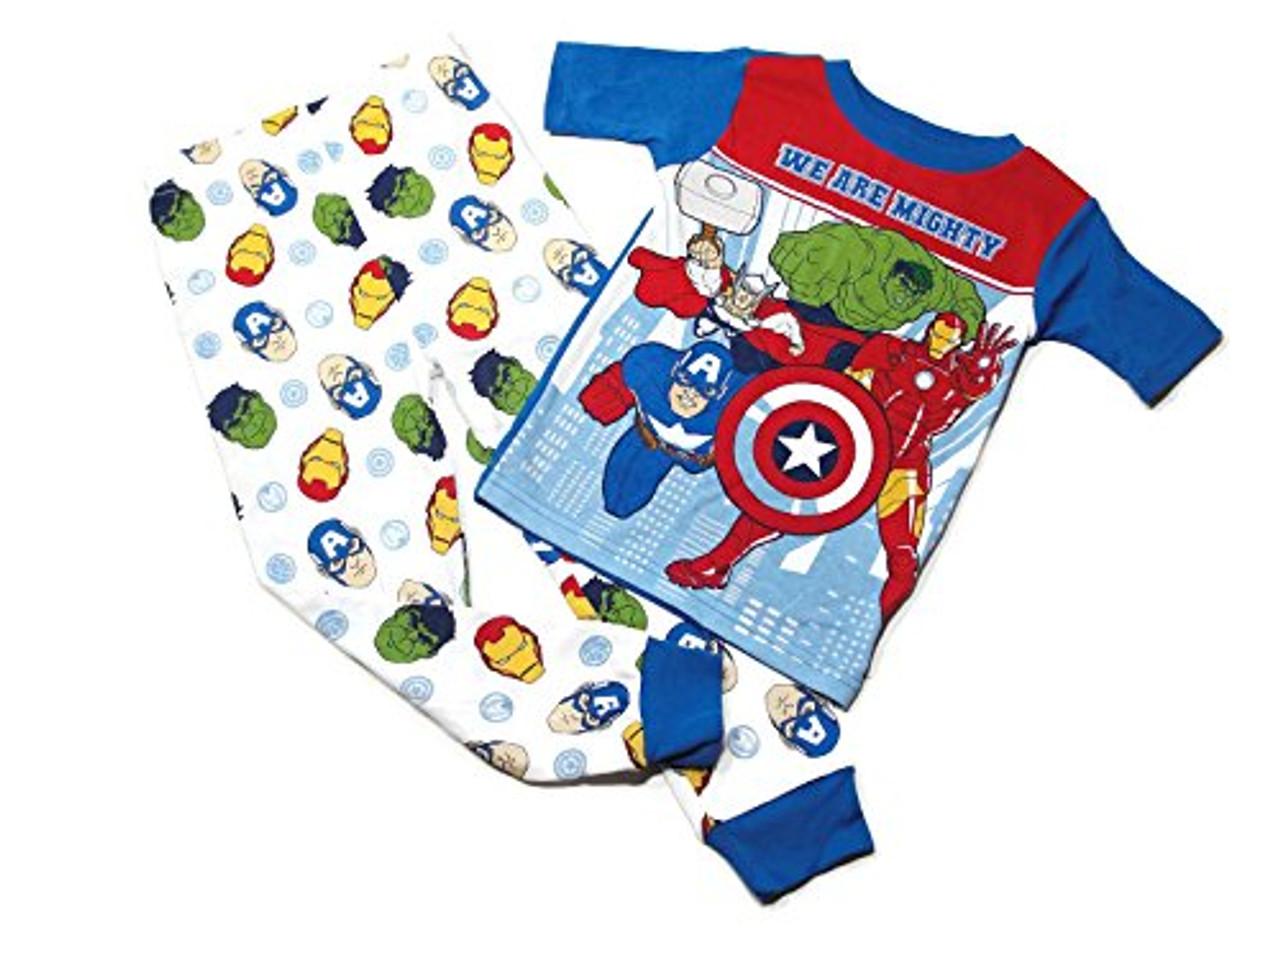 Marvel Avengers Mighty Heroes snug fit pjs